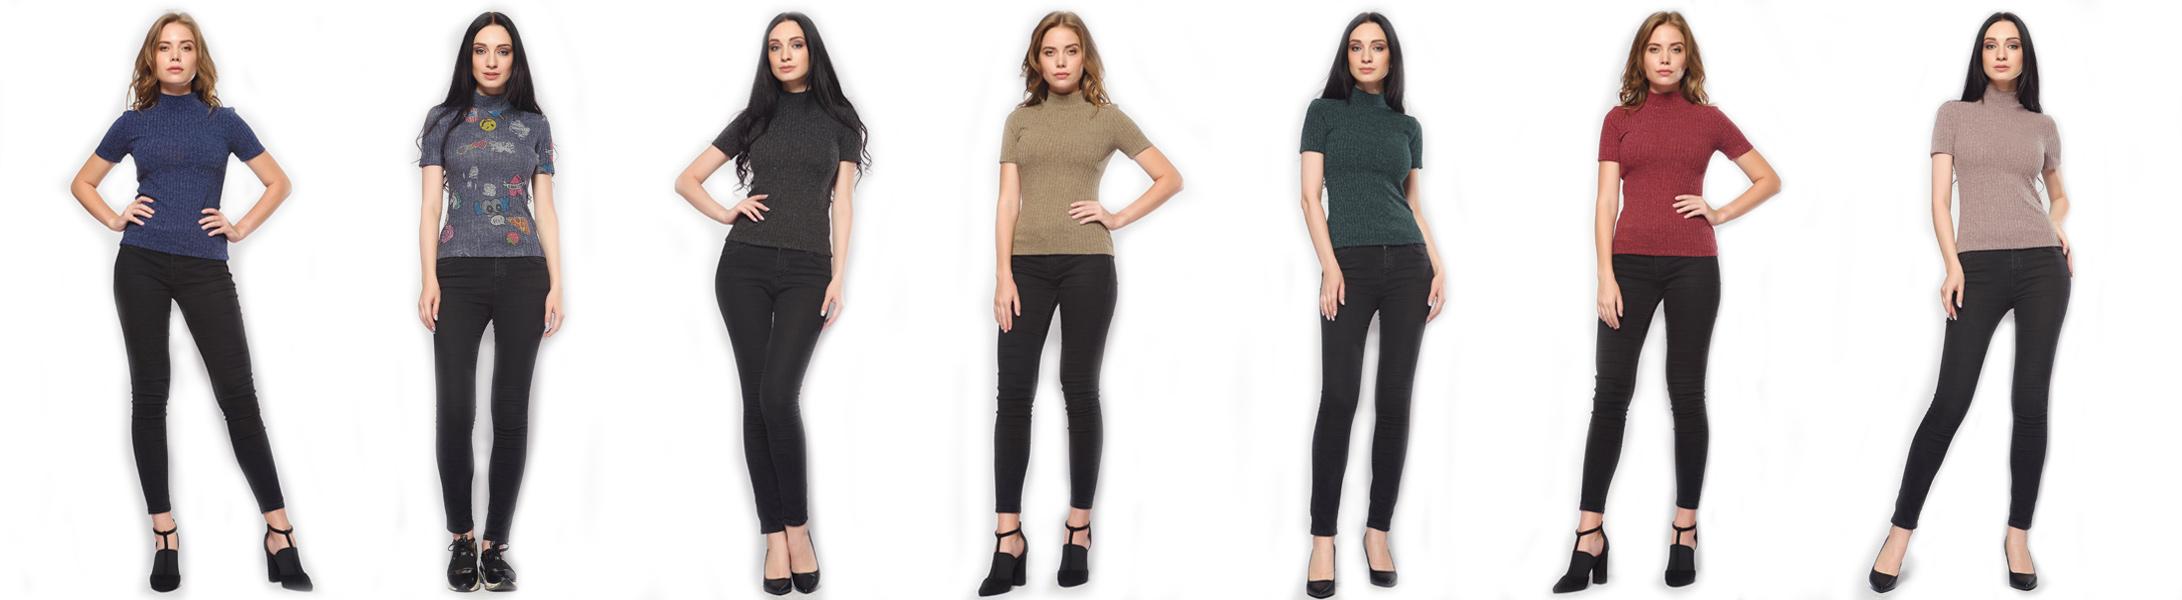 Оптовая продажа женской одежды на заказ